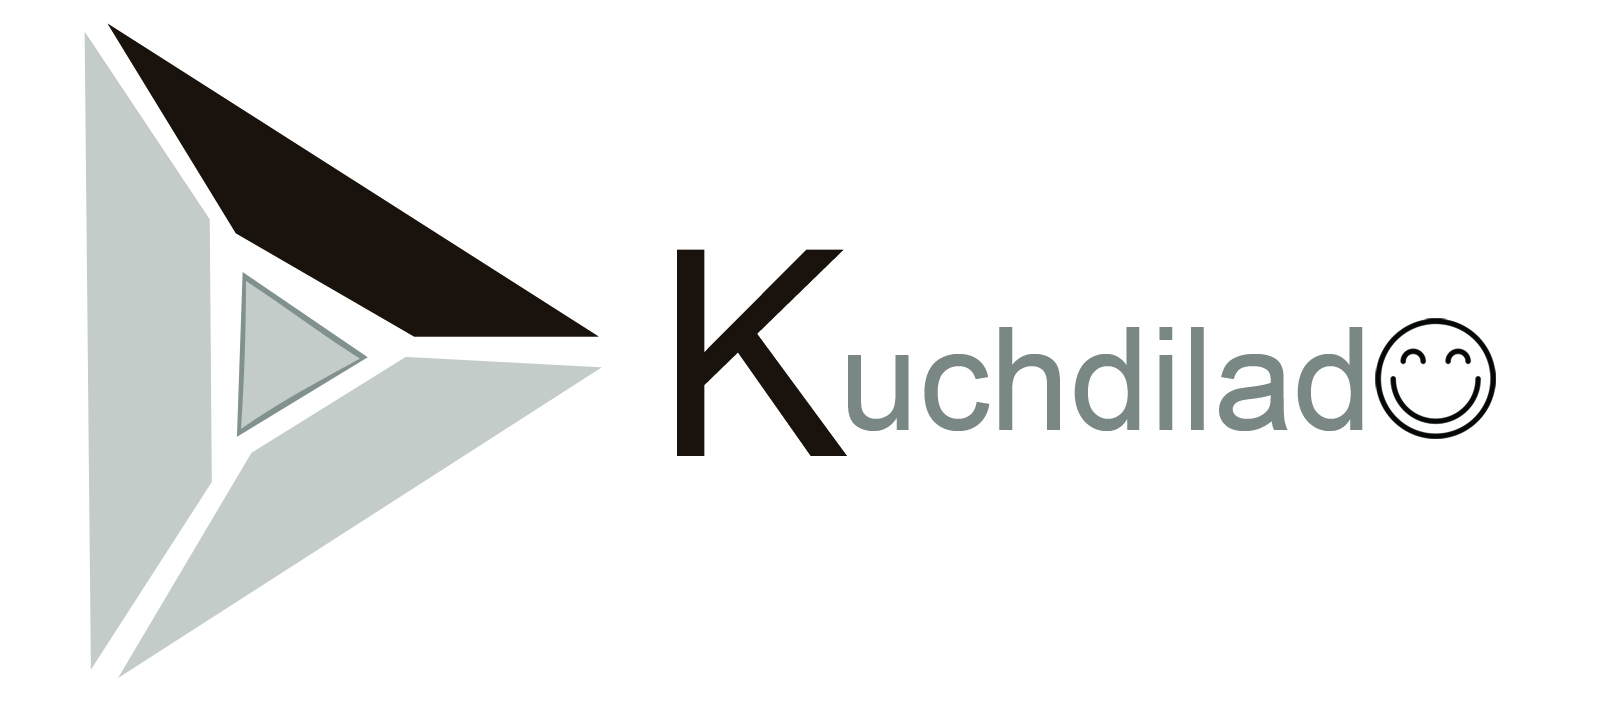 KUCHDILADO - logo